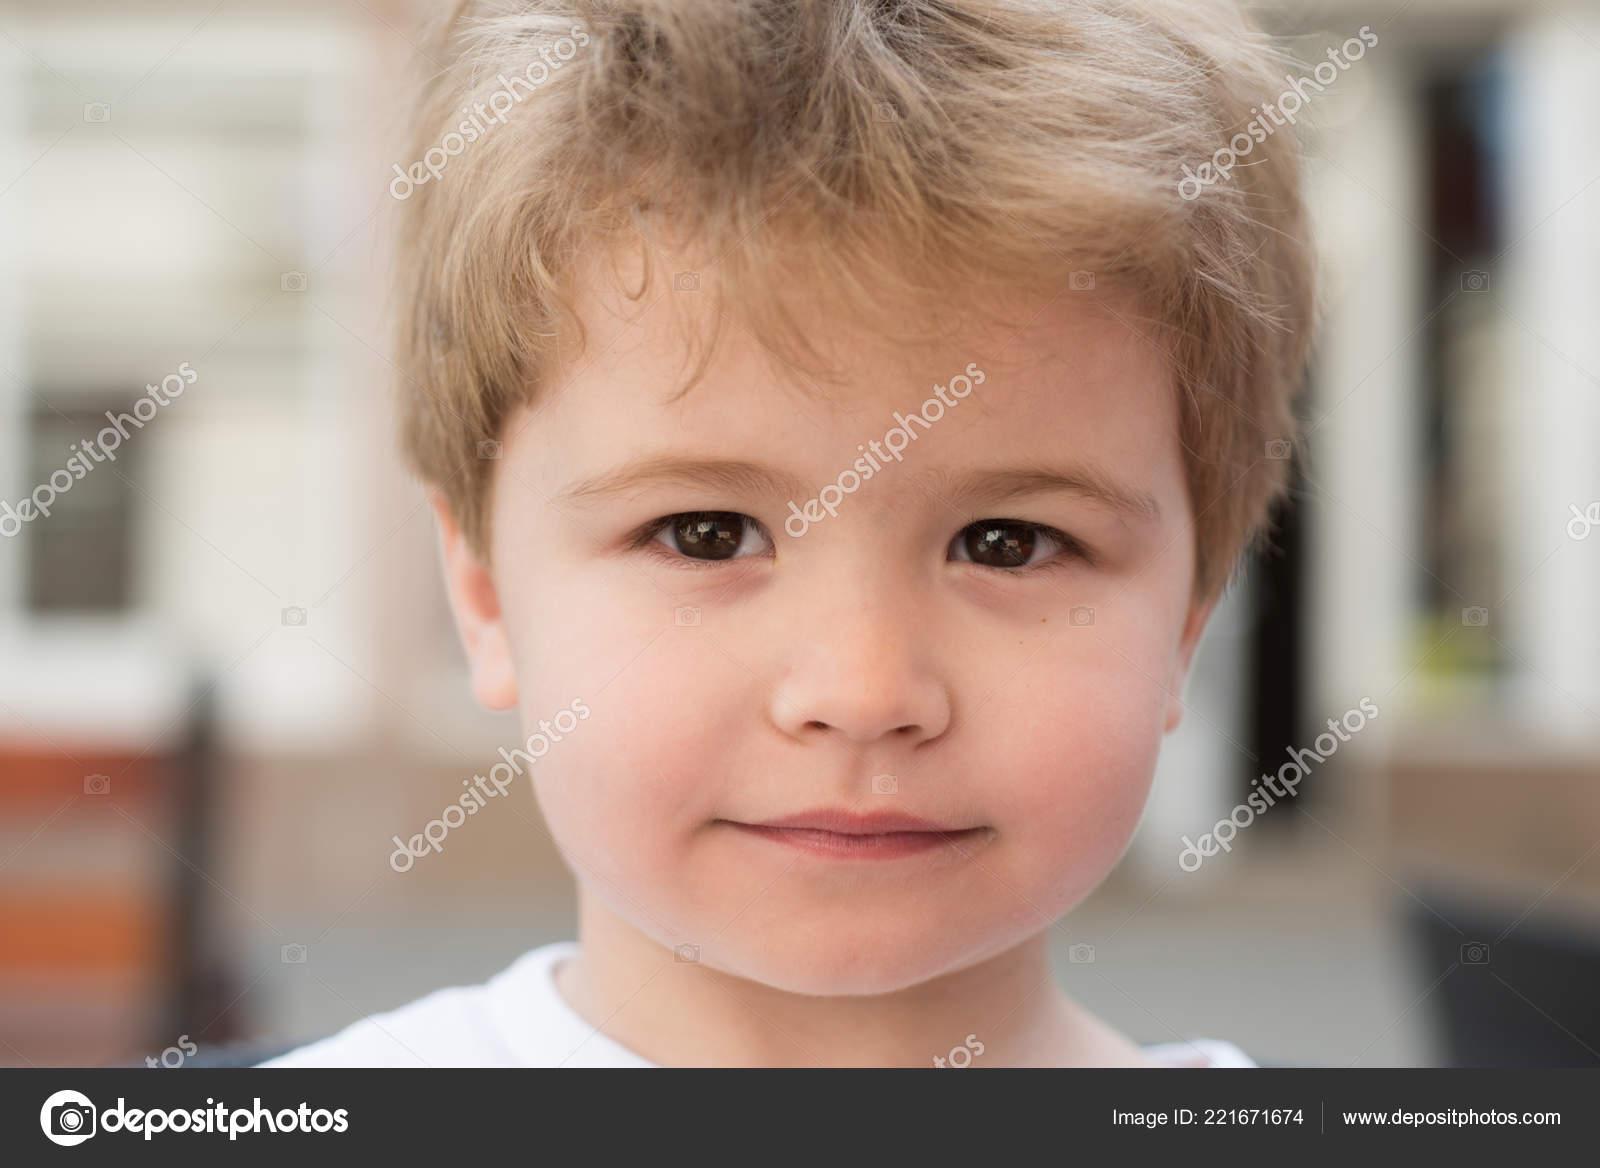 śliczne Fryzury Dla Krótkich Włosów Małe Dziecko Z Stylowe Fryzury